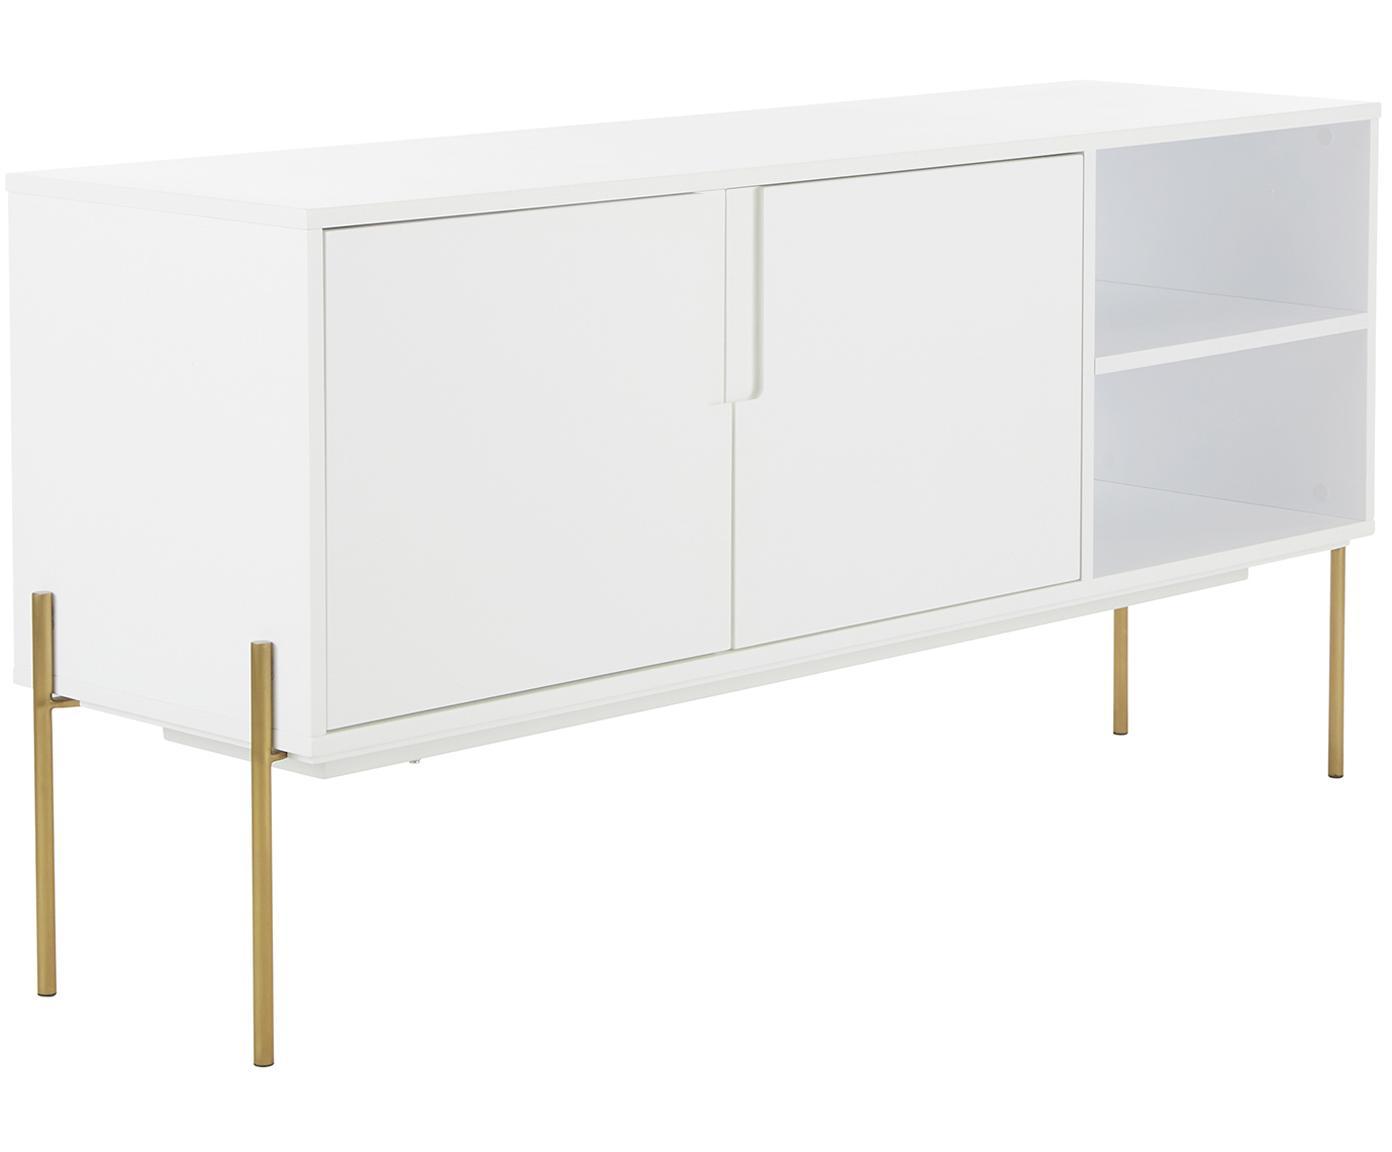 Wit dressoir Jesper met deuren, Frame: MDF met melaminecoating, Poten: gelakt metaal, Frame: wit. Poten: glanzend goudkleurig, 160 x 80 cm